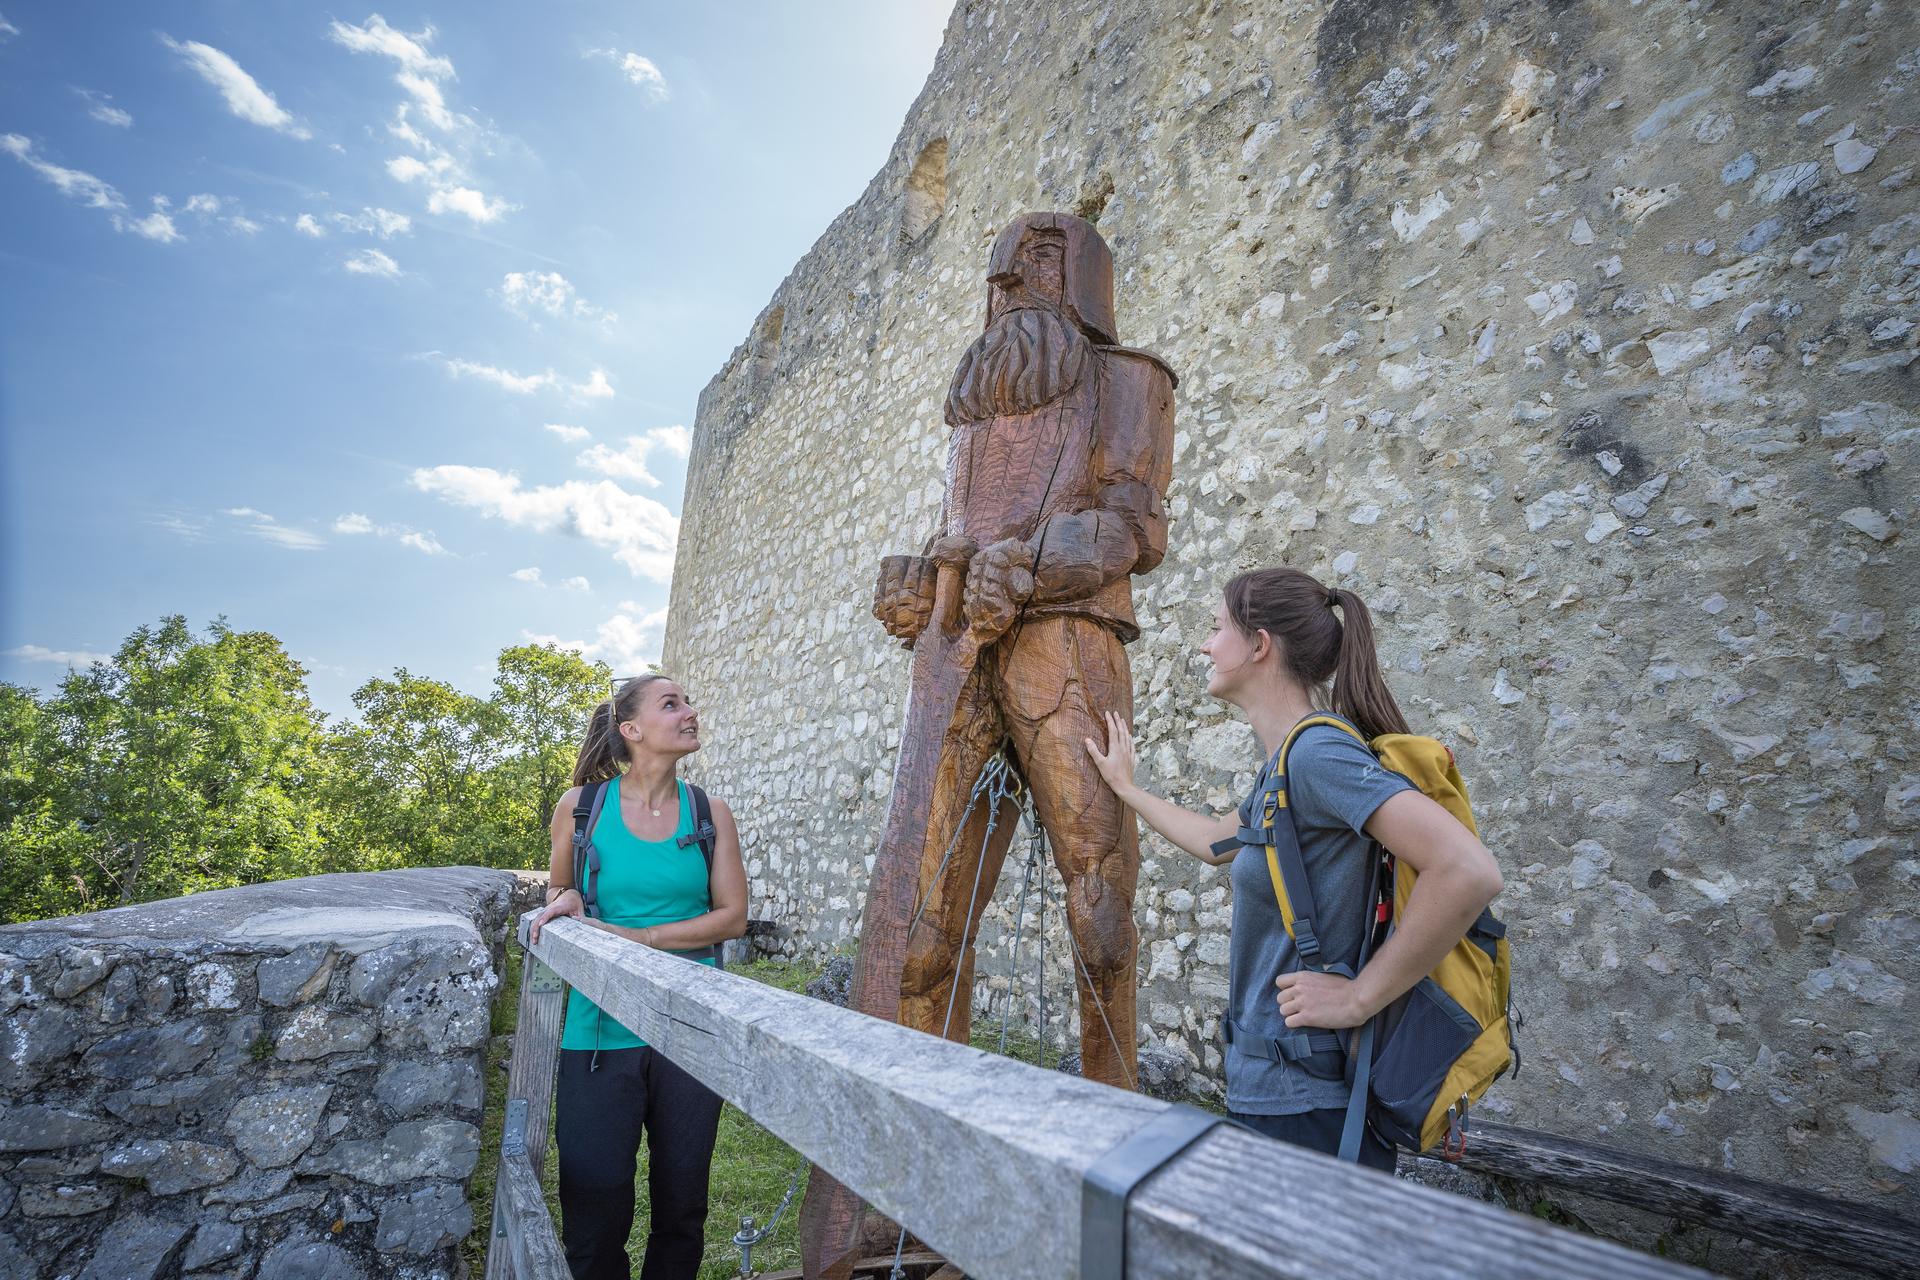 Zwei Wanderer*innen begutachten eine Ritterskulptur aus Holz. Hinter ihnen ist eine hohe Mauer. Die Sonne scheint und es ist warm.